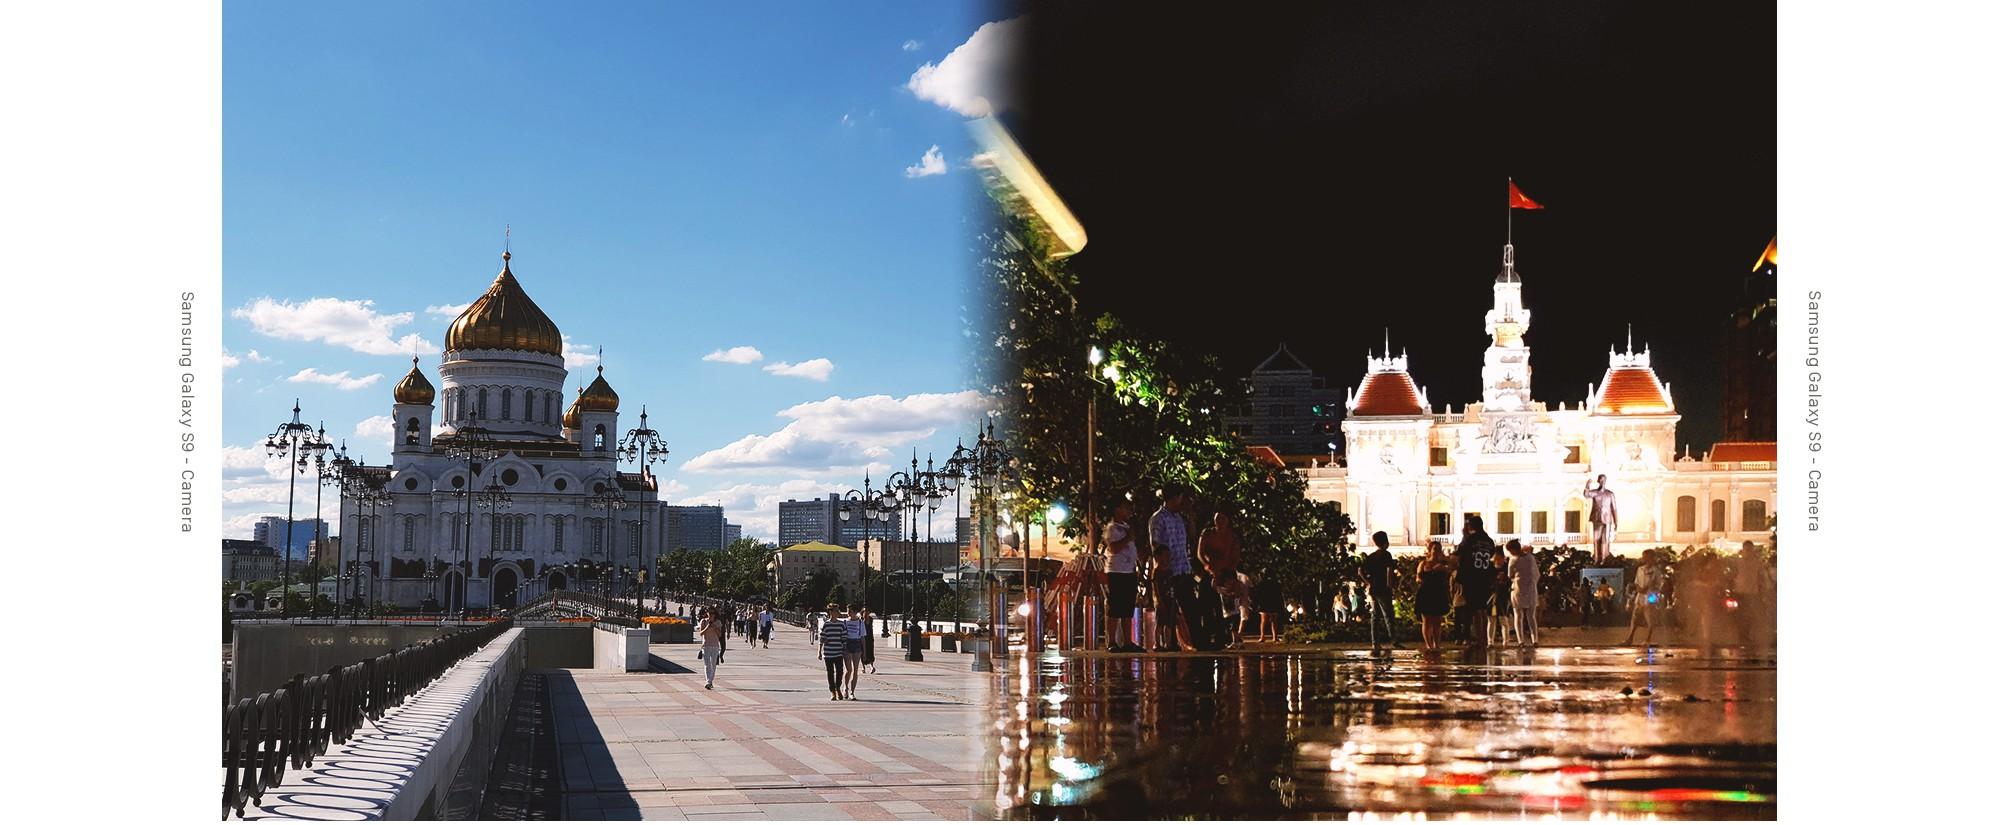 Sài Gòn & Moskva, tình ca ngày và đêm - Ảnh 5.